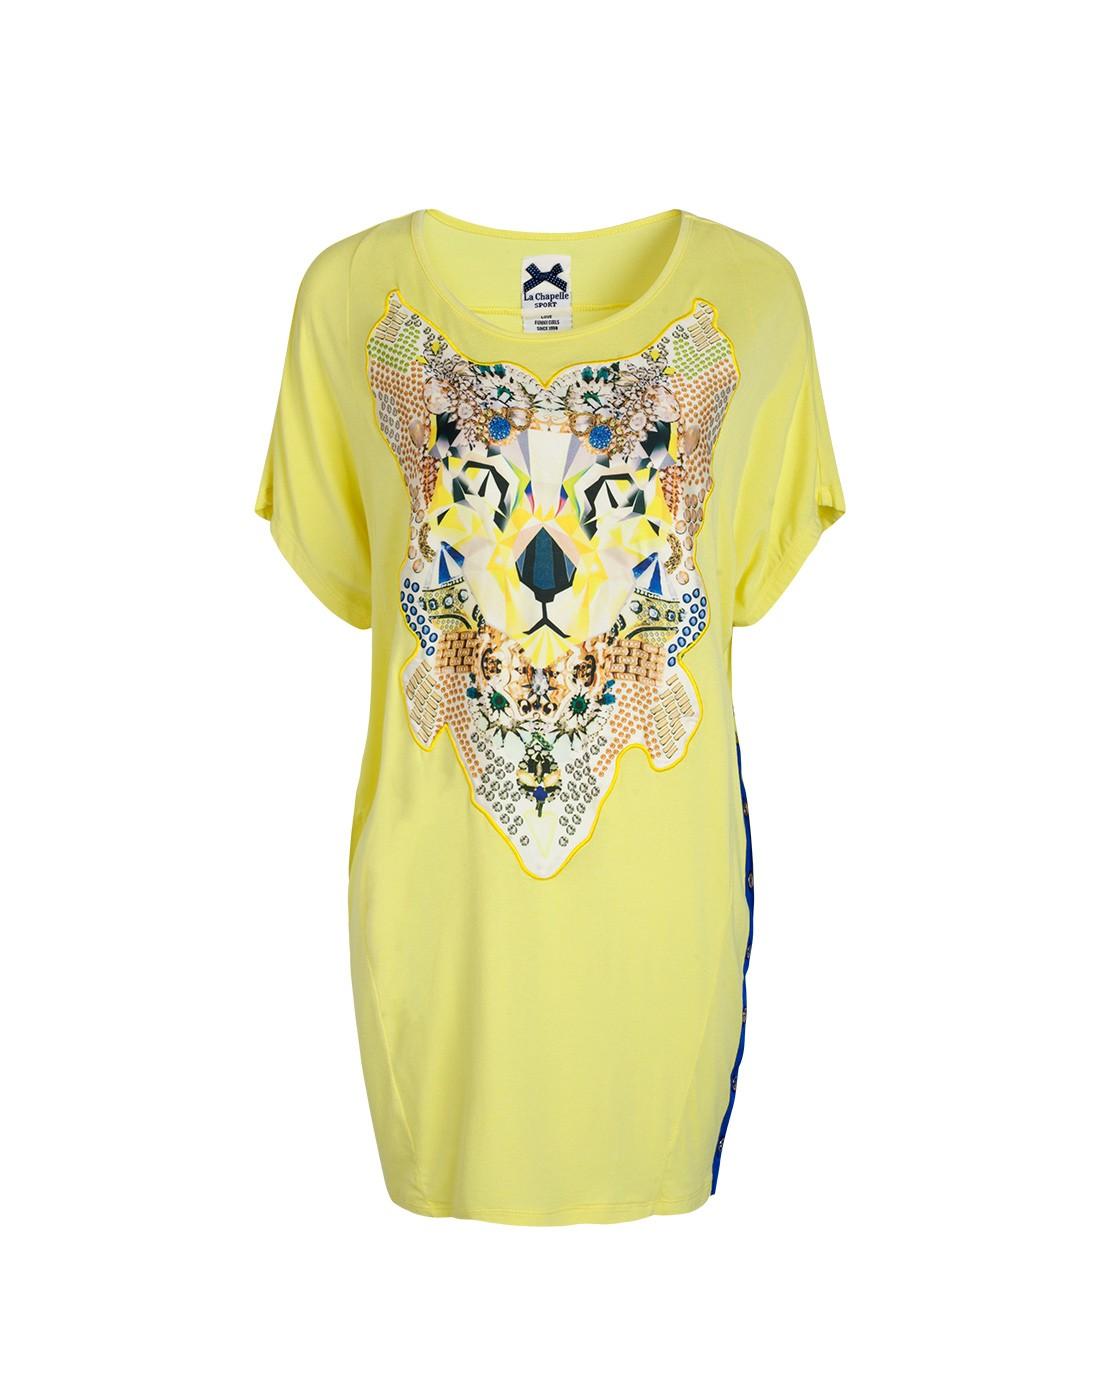 柠檬黄手绘抽象老虎印花宽松薄款t恤